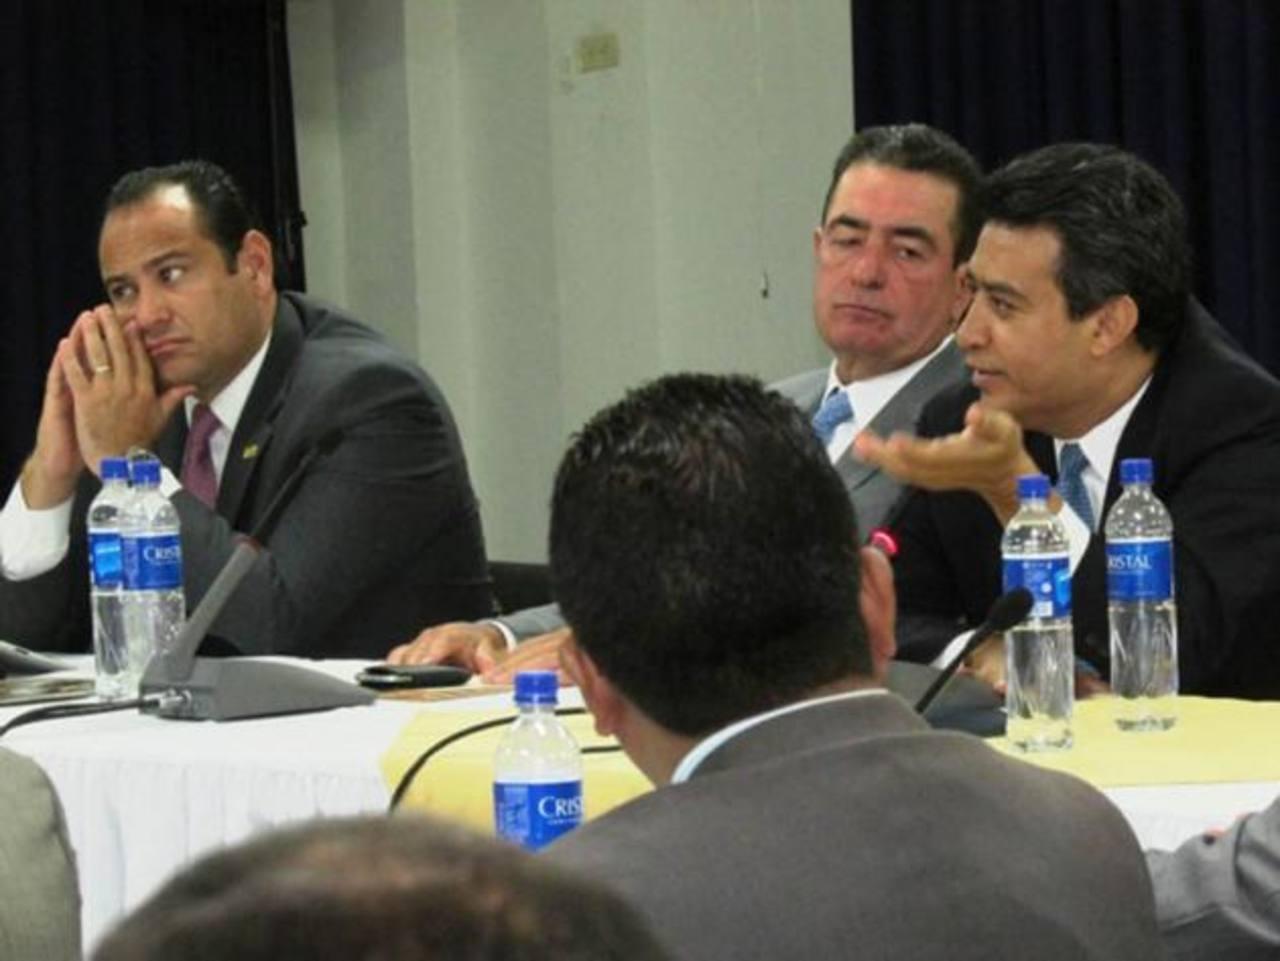 Miembros del Consejo del crecimiento con políticos. foto edh